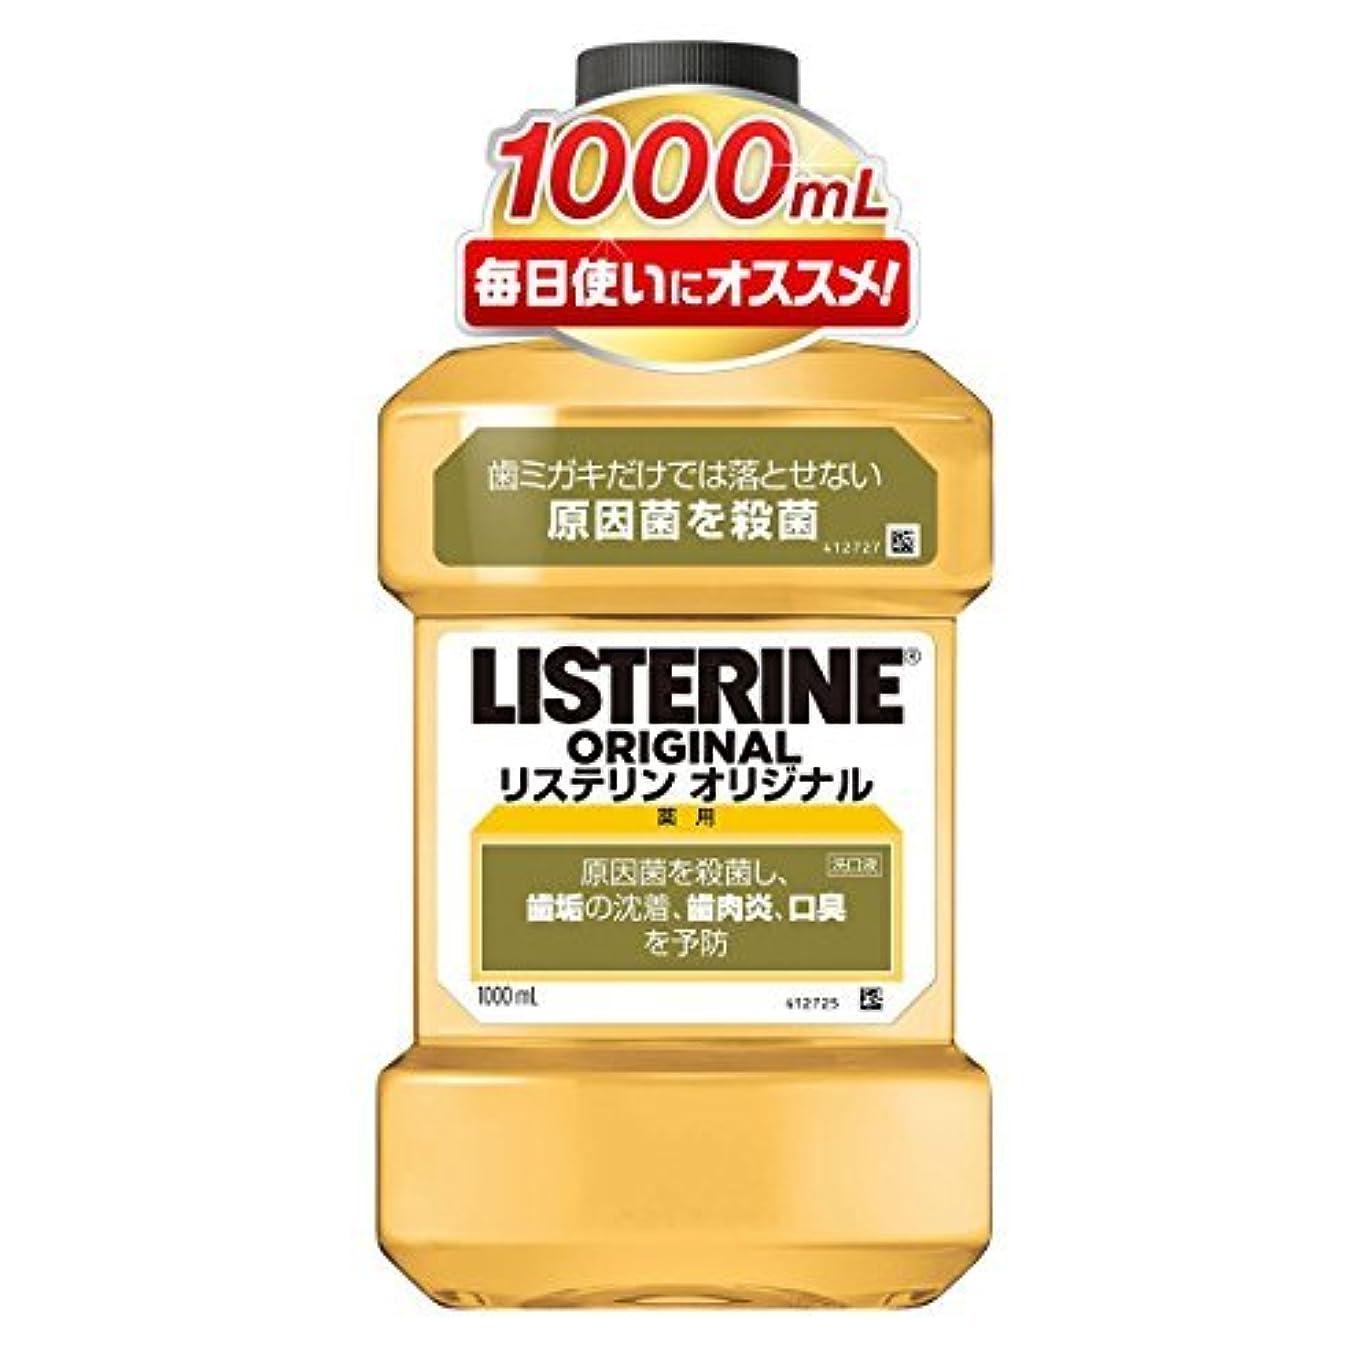 マイクカヌー意気込み薬用リステリン オリジナル 1000ml ×6個セット